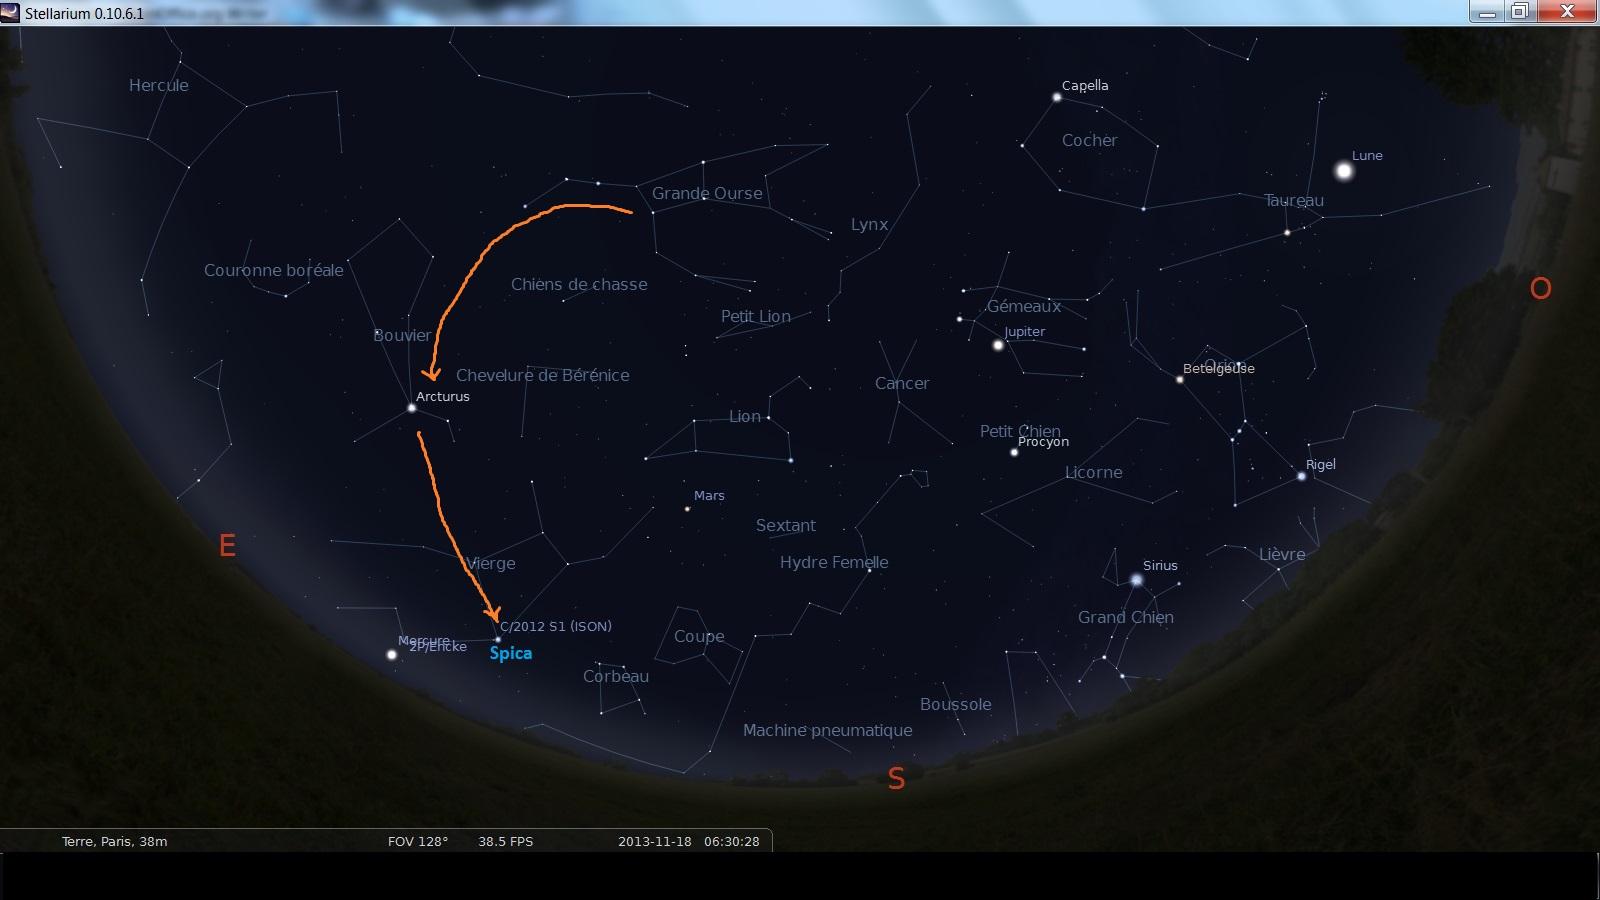 Aspect du ciel à Paris le 18 novembre 2013 à 6h30 heure légale. Le chemin à suivre pour trouver les étoiles Arcturus et Spica est indiqué par les flèches oranges. N\'oubliez pas que C/2012 X1 LINEAR est juste à côté d\'Arcturus.